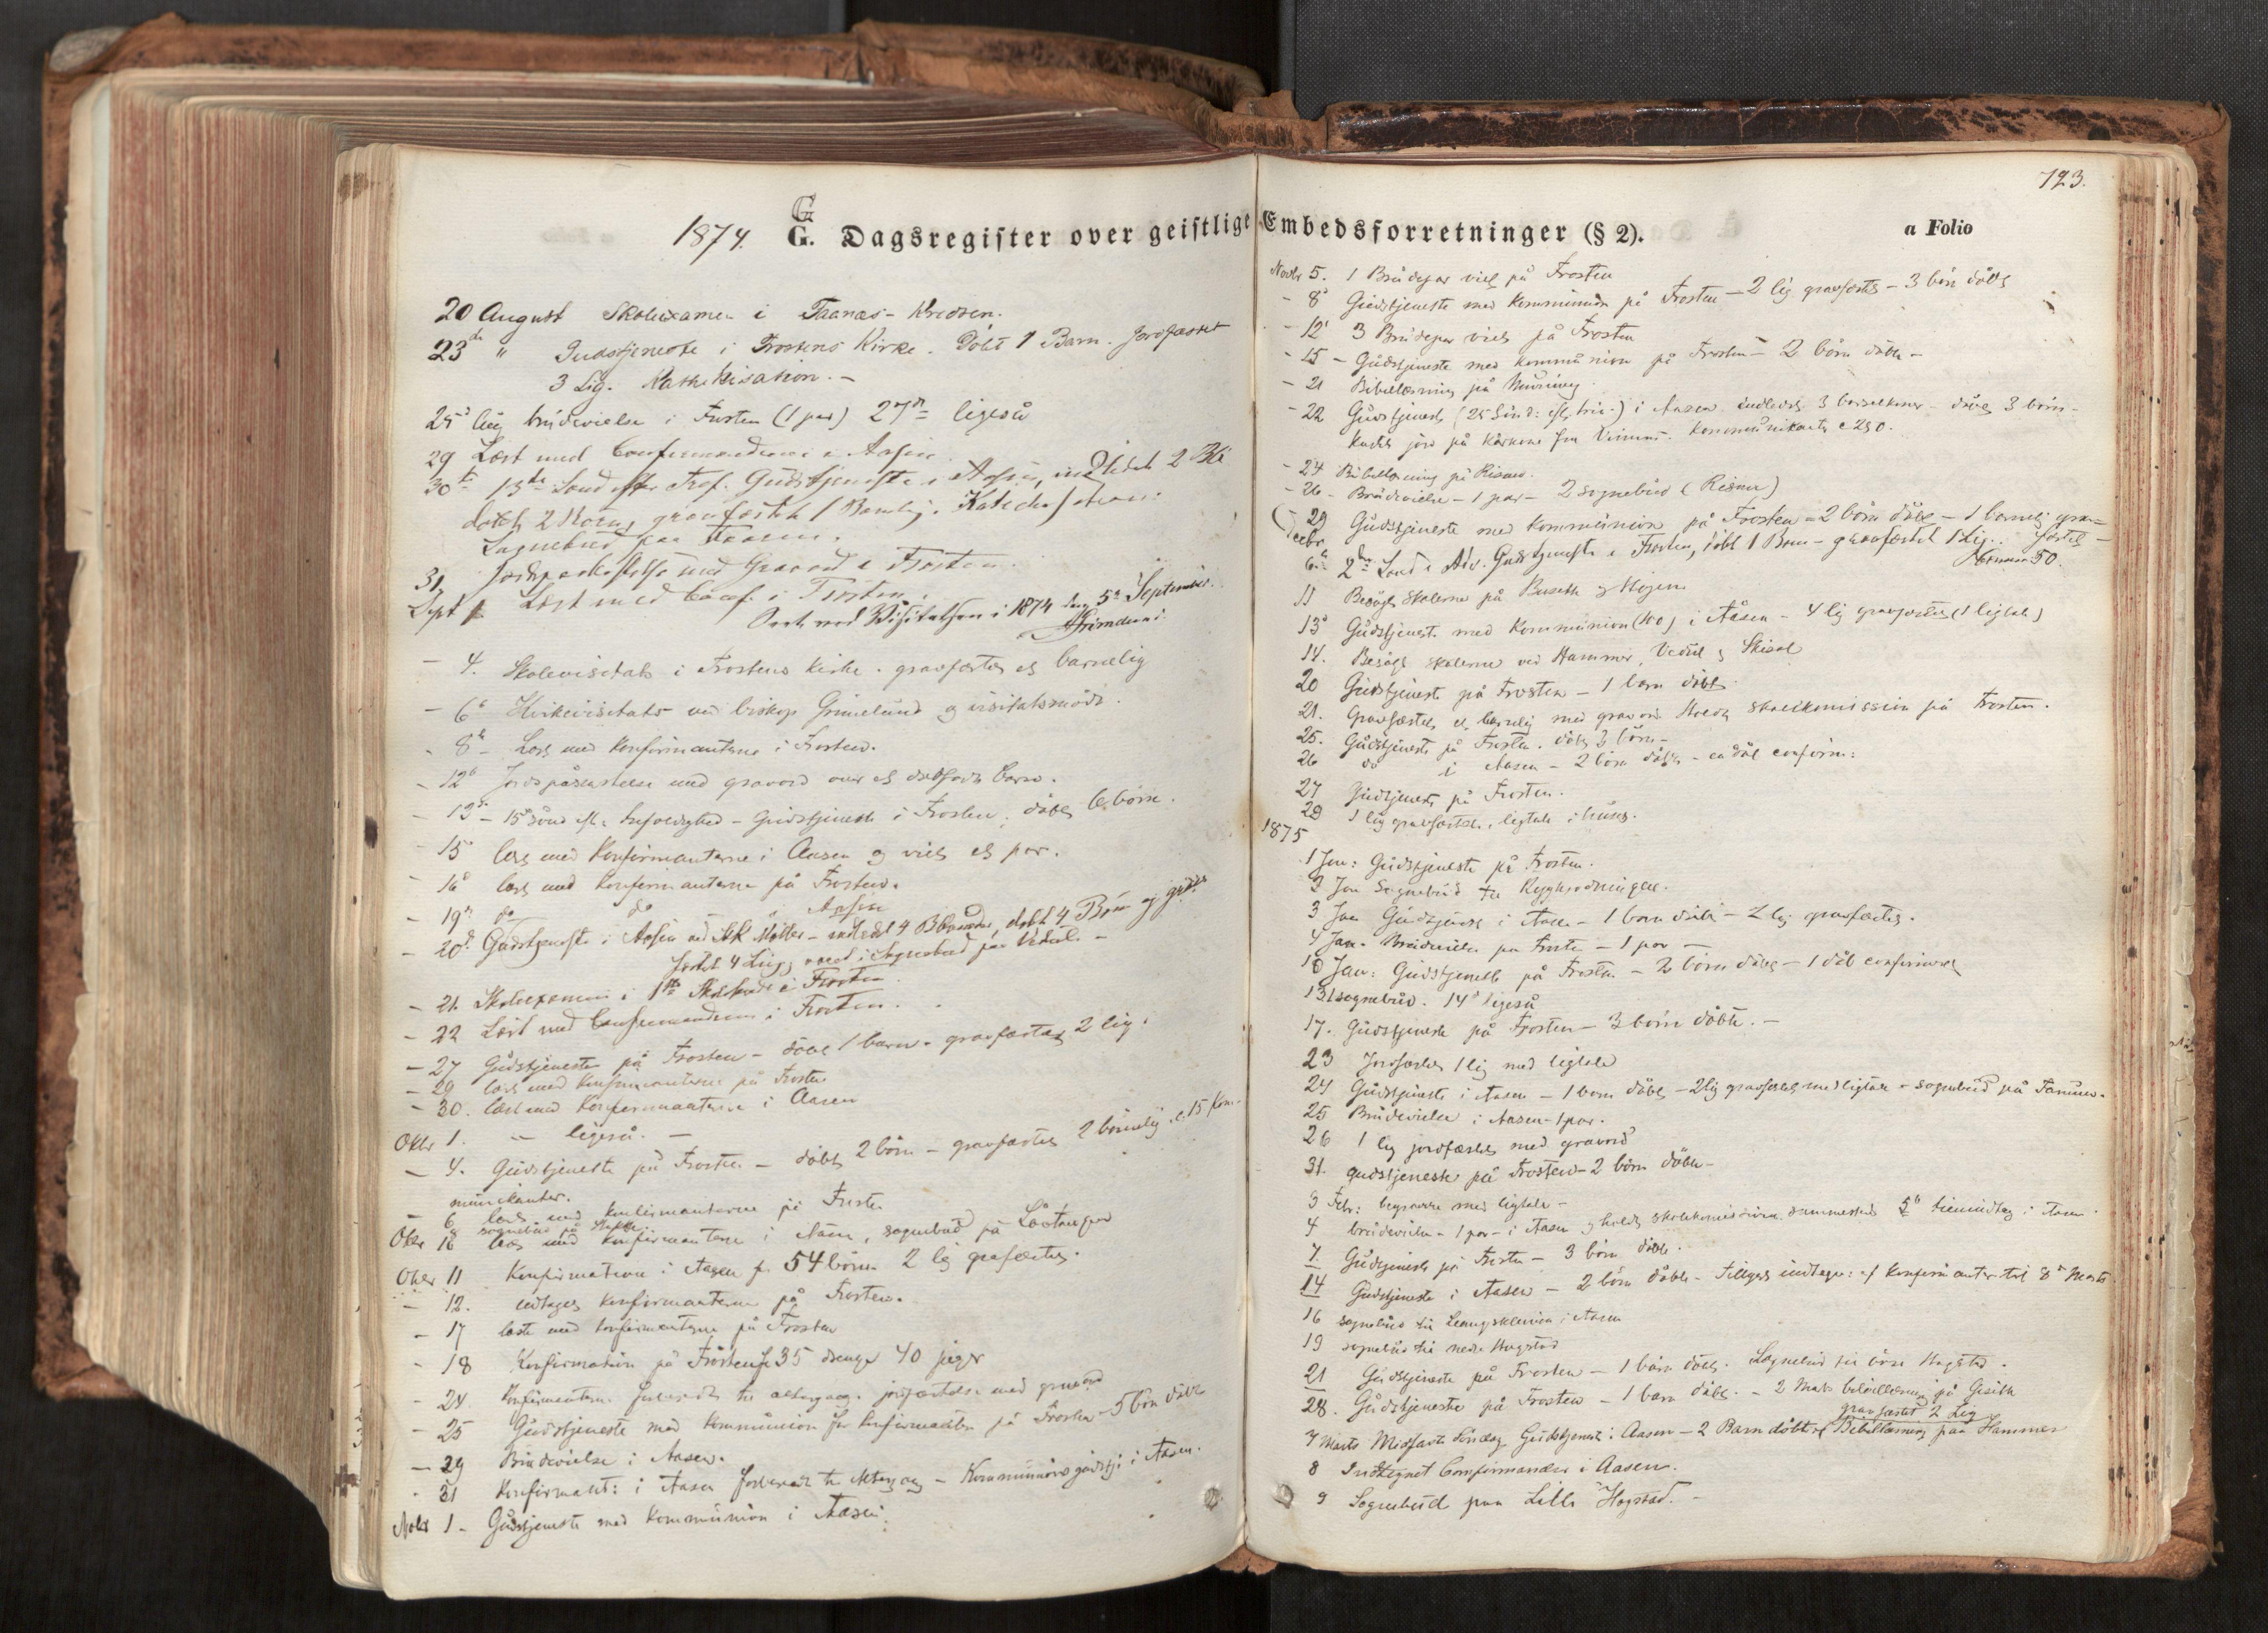 SAT, Ministerialprotokoller, klokkerbøker og fødselsregistre - Nord-Trøndelag, 713/L0116: Ministerialbok nr. 713A07, 1850-1877, s. 723